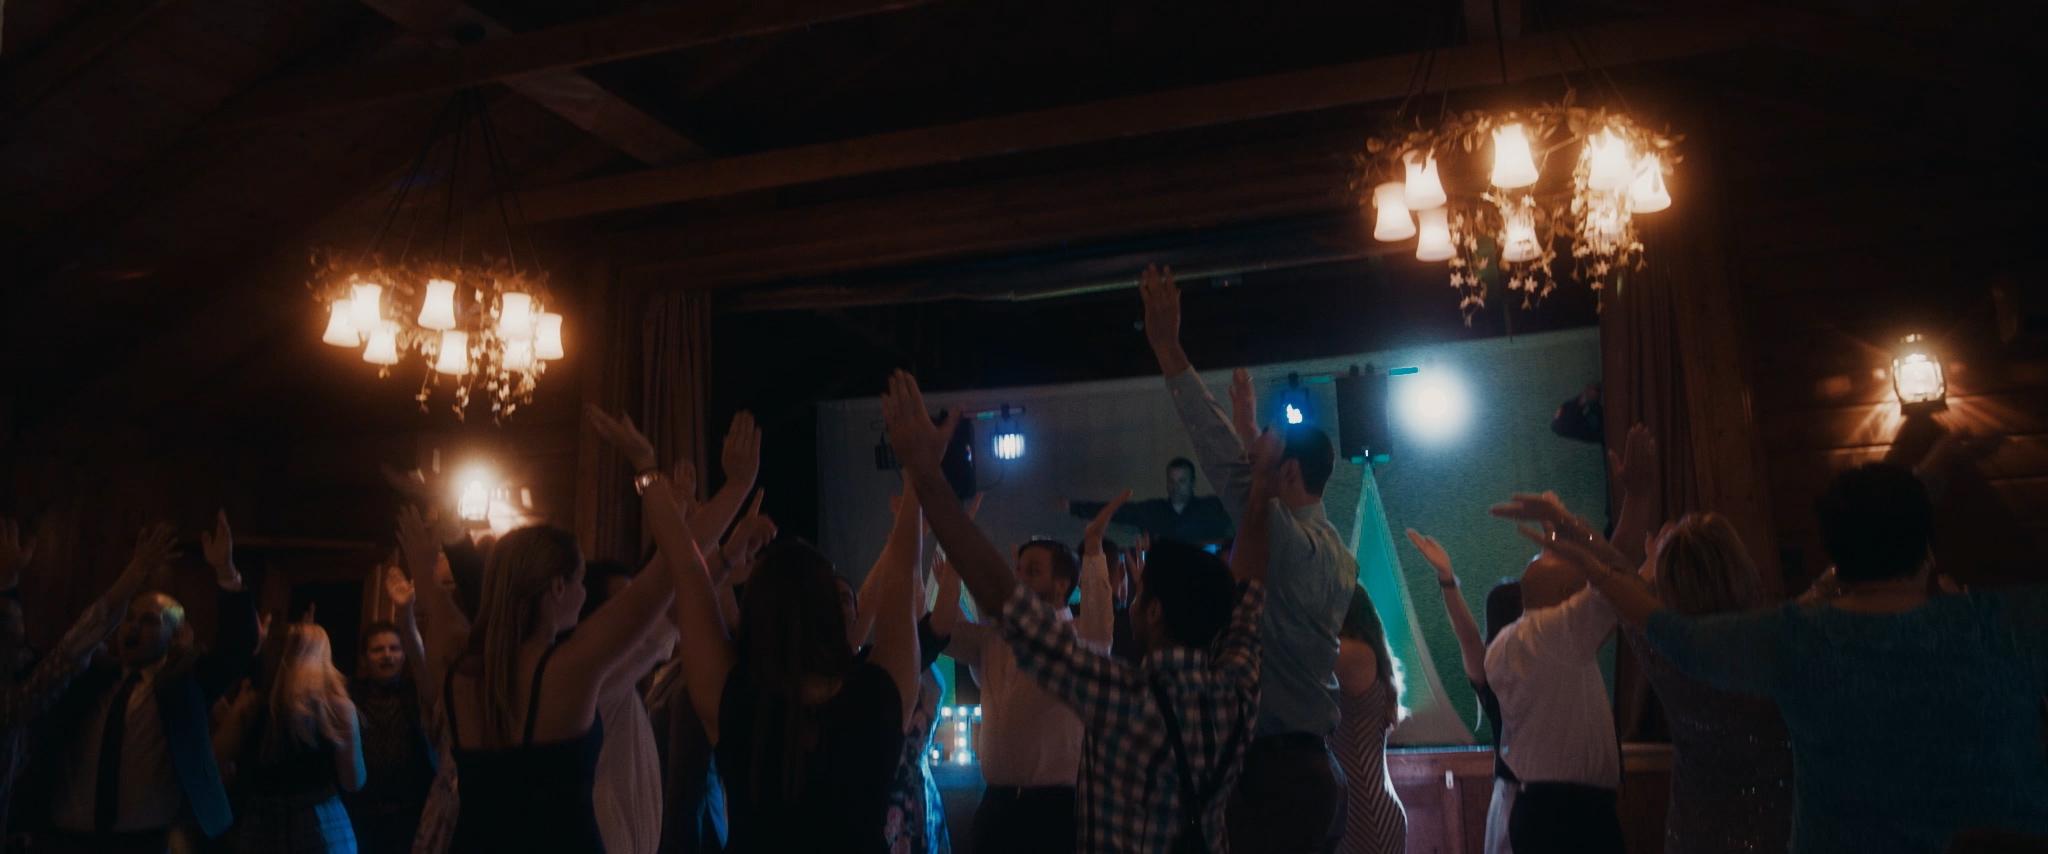 HAVENS_Wedding_Film.00_06_59_16.Still079.jpg